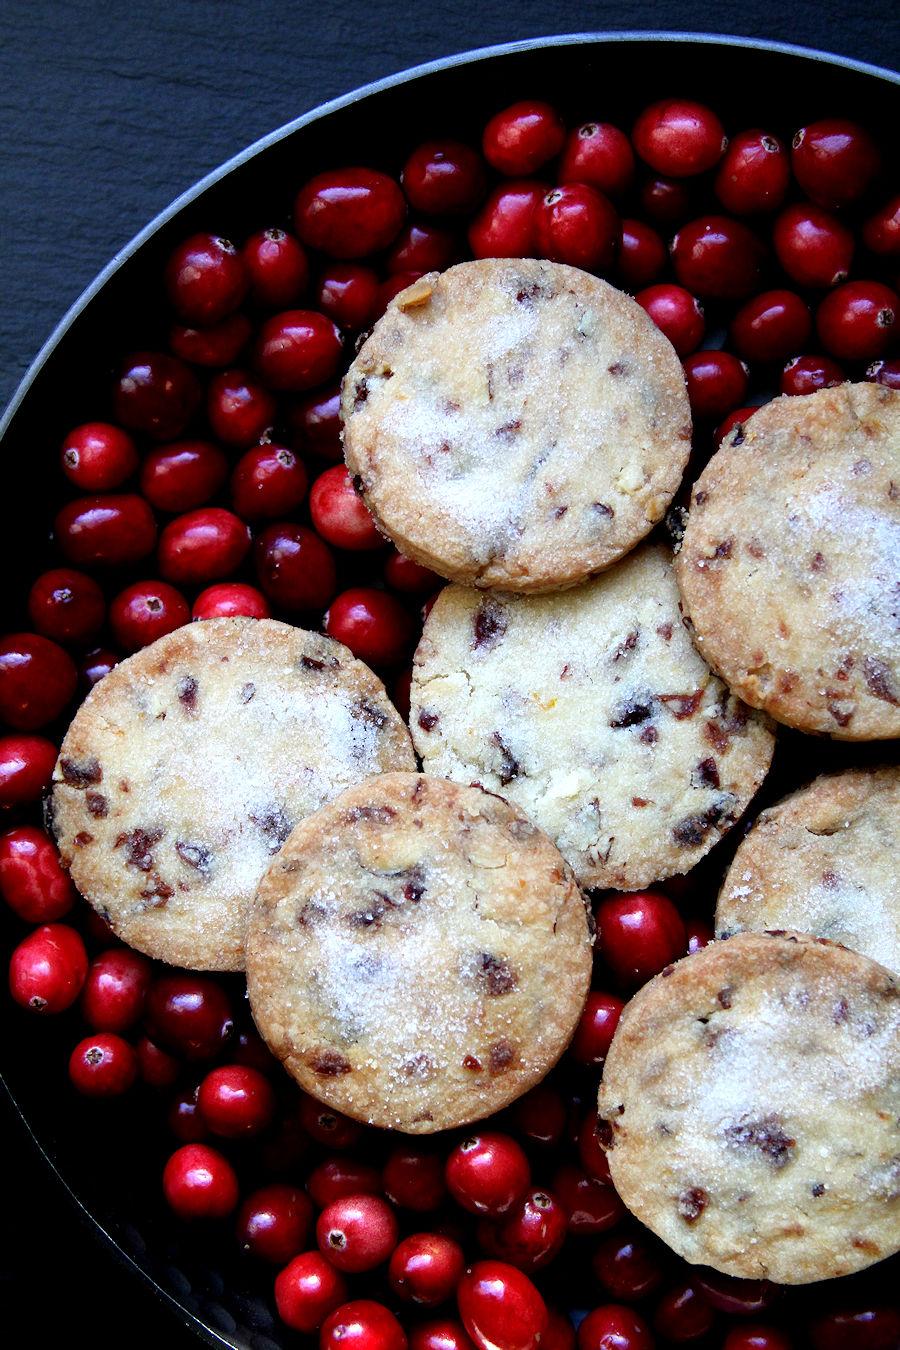 cranberryorangeshortbread-medium4